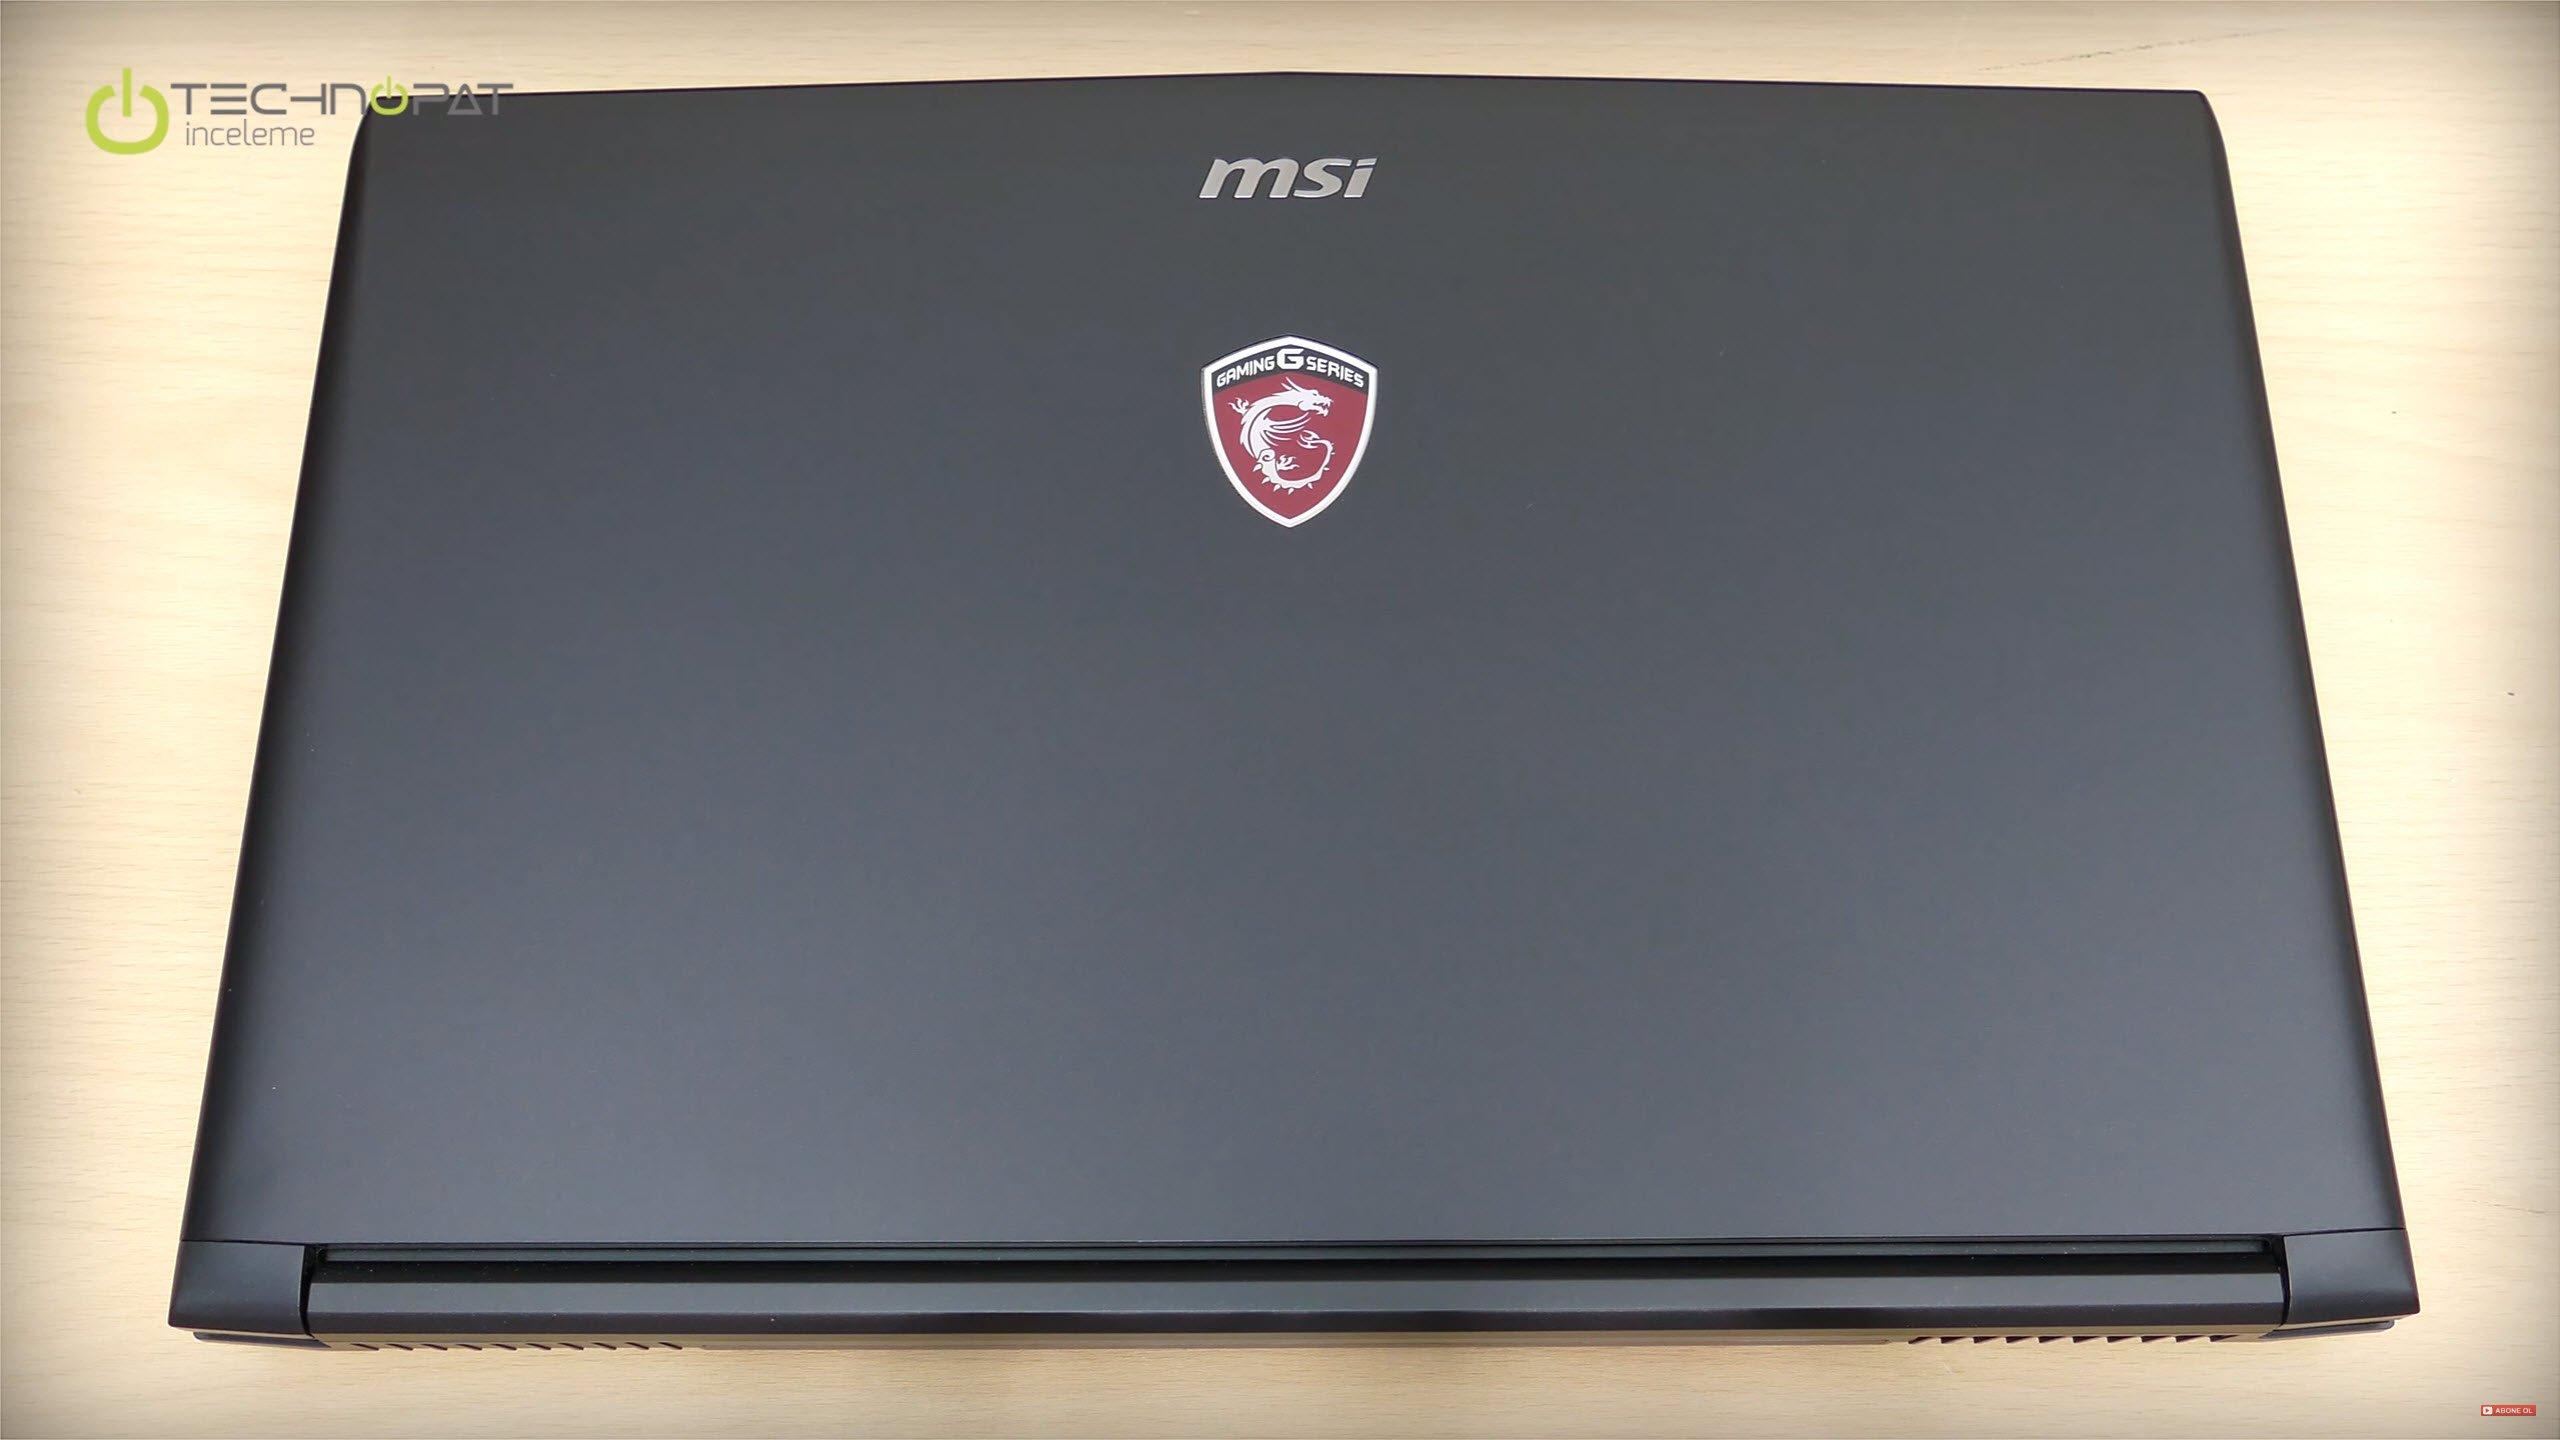 MSI GL62 6QD Oyuncu Dizüstü Bilgisayarı İncelemesi: Üst kısım